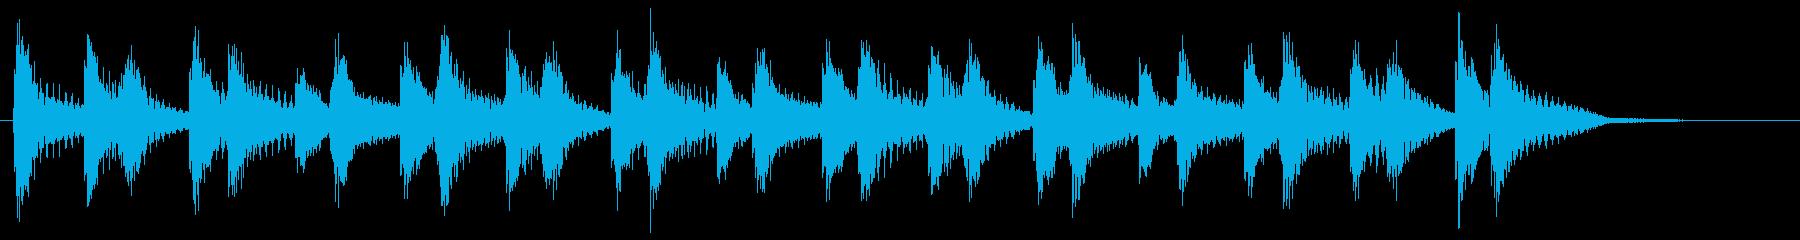 エーライヤッチャ!阿波踊り ♩145#3の再生済みの波形